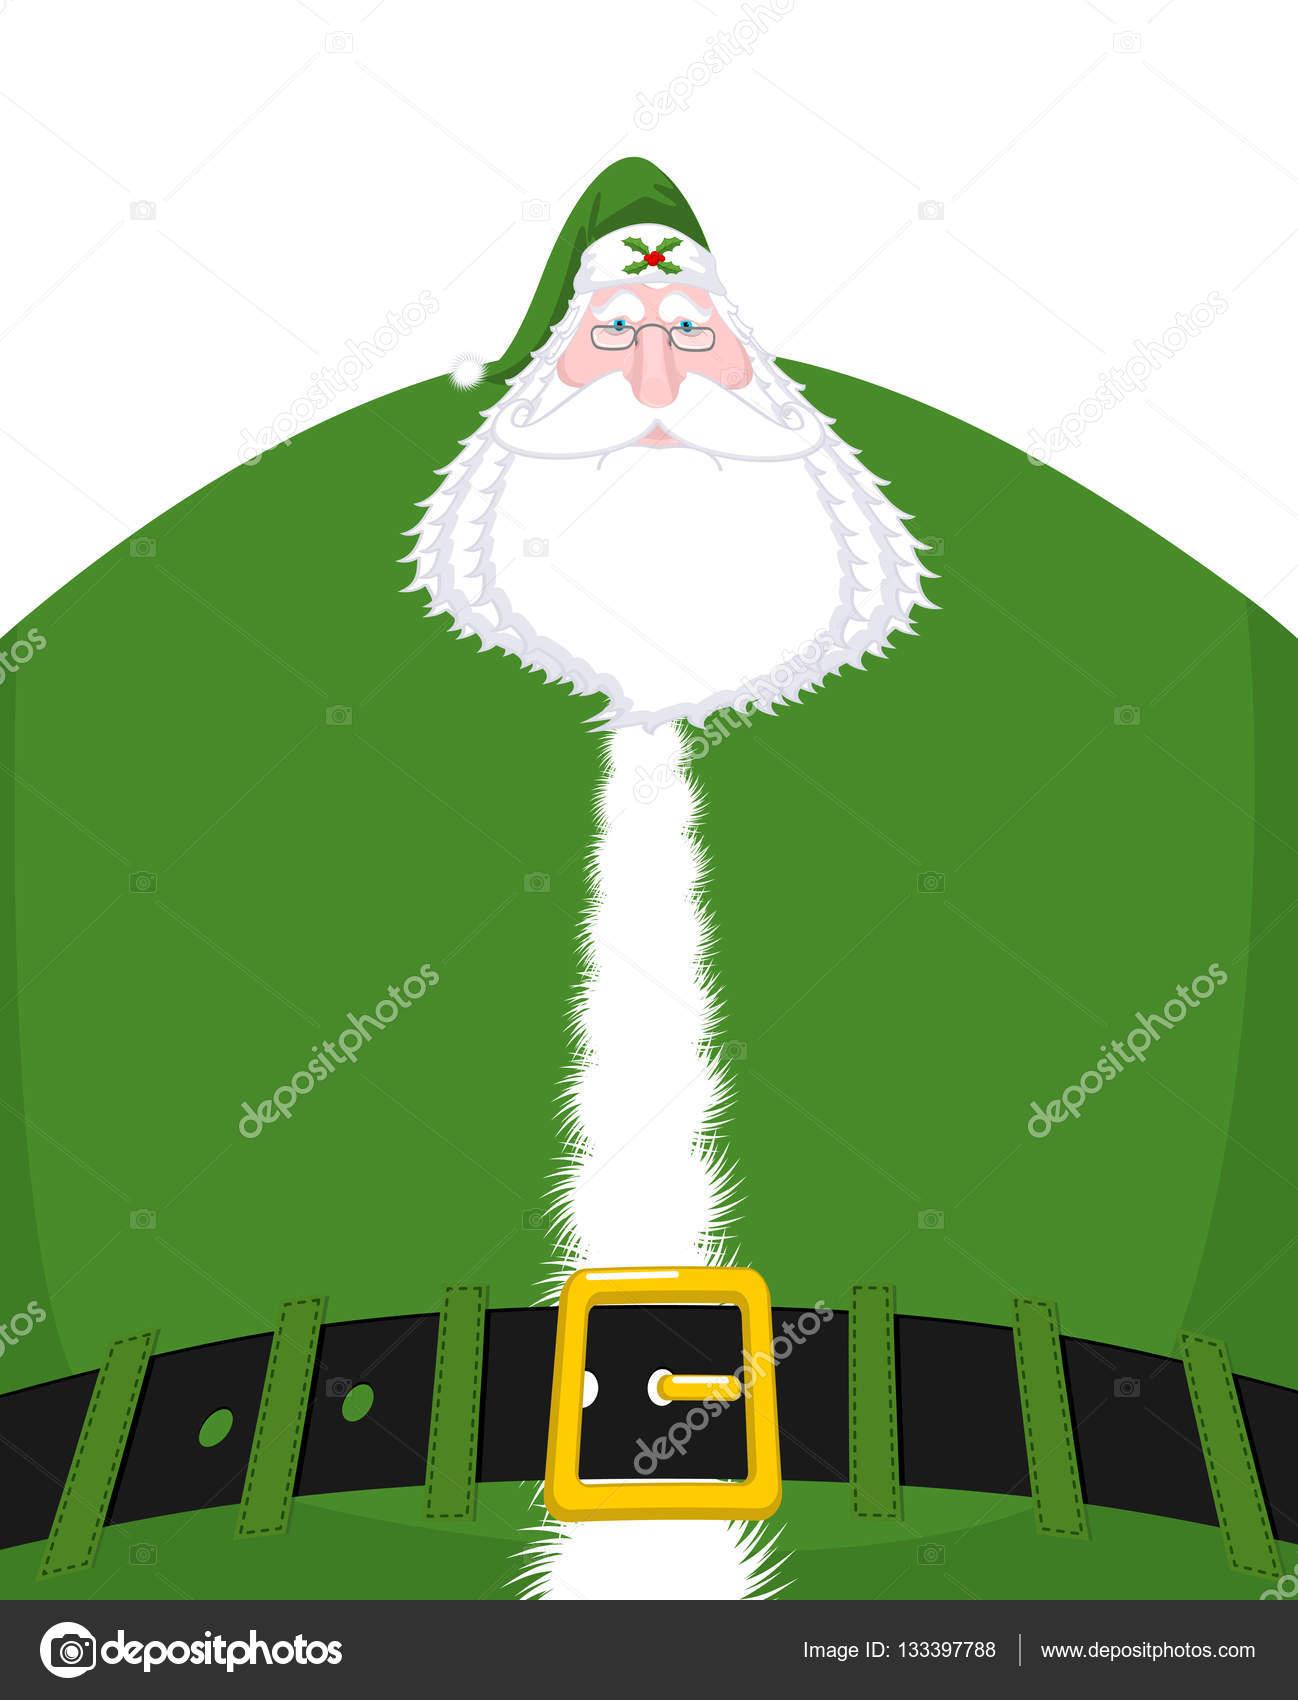 Frohe Weihnachten Irisch.Santa Claus Ireland Daidi Na Nollag Irische Sprache Weihnachten